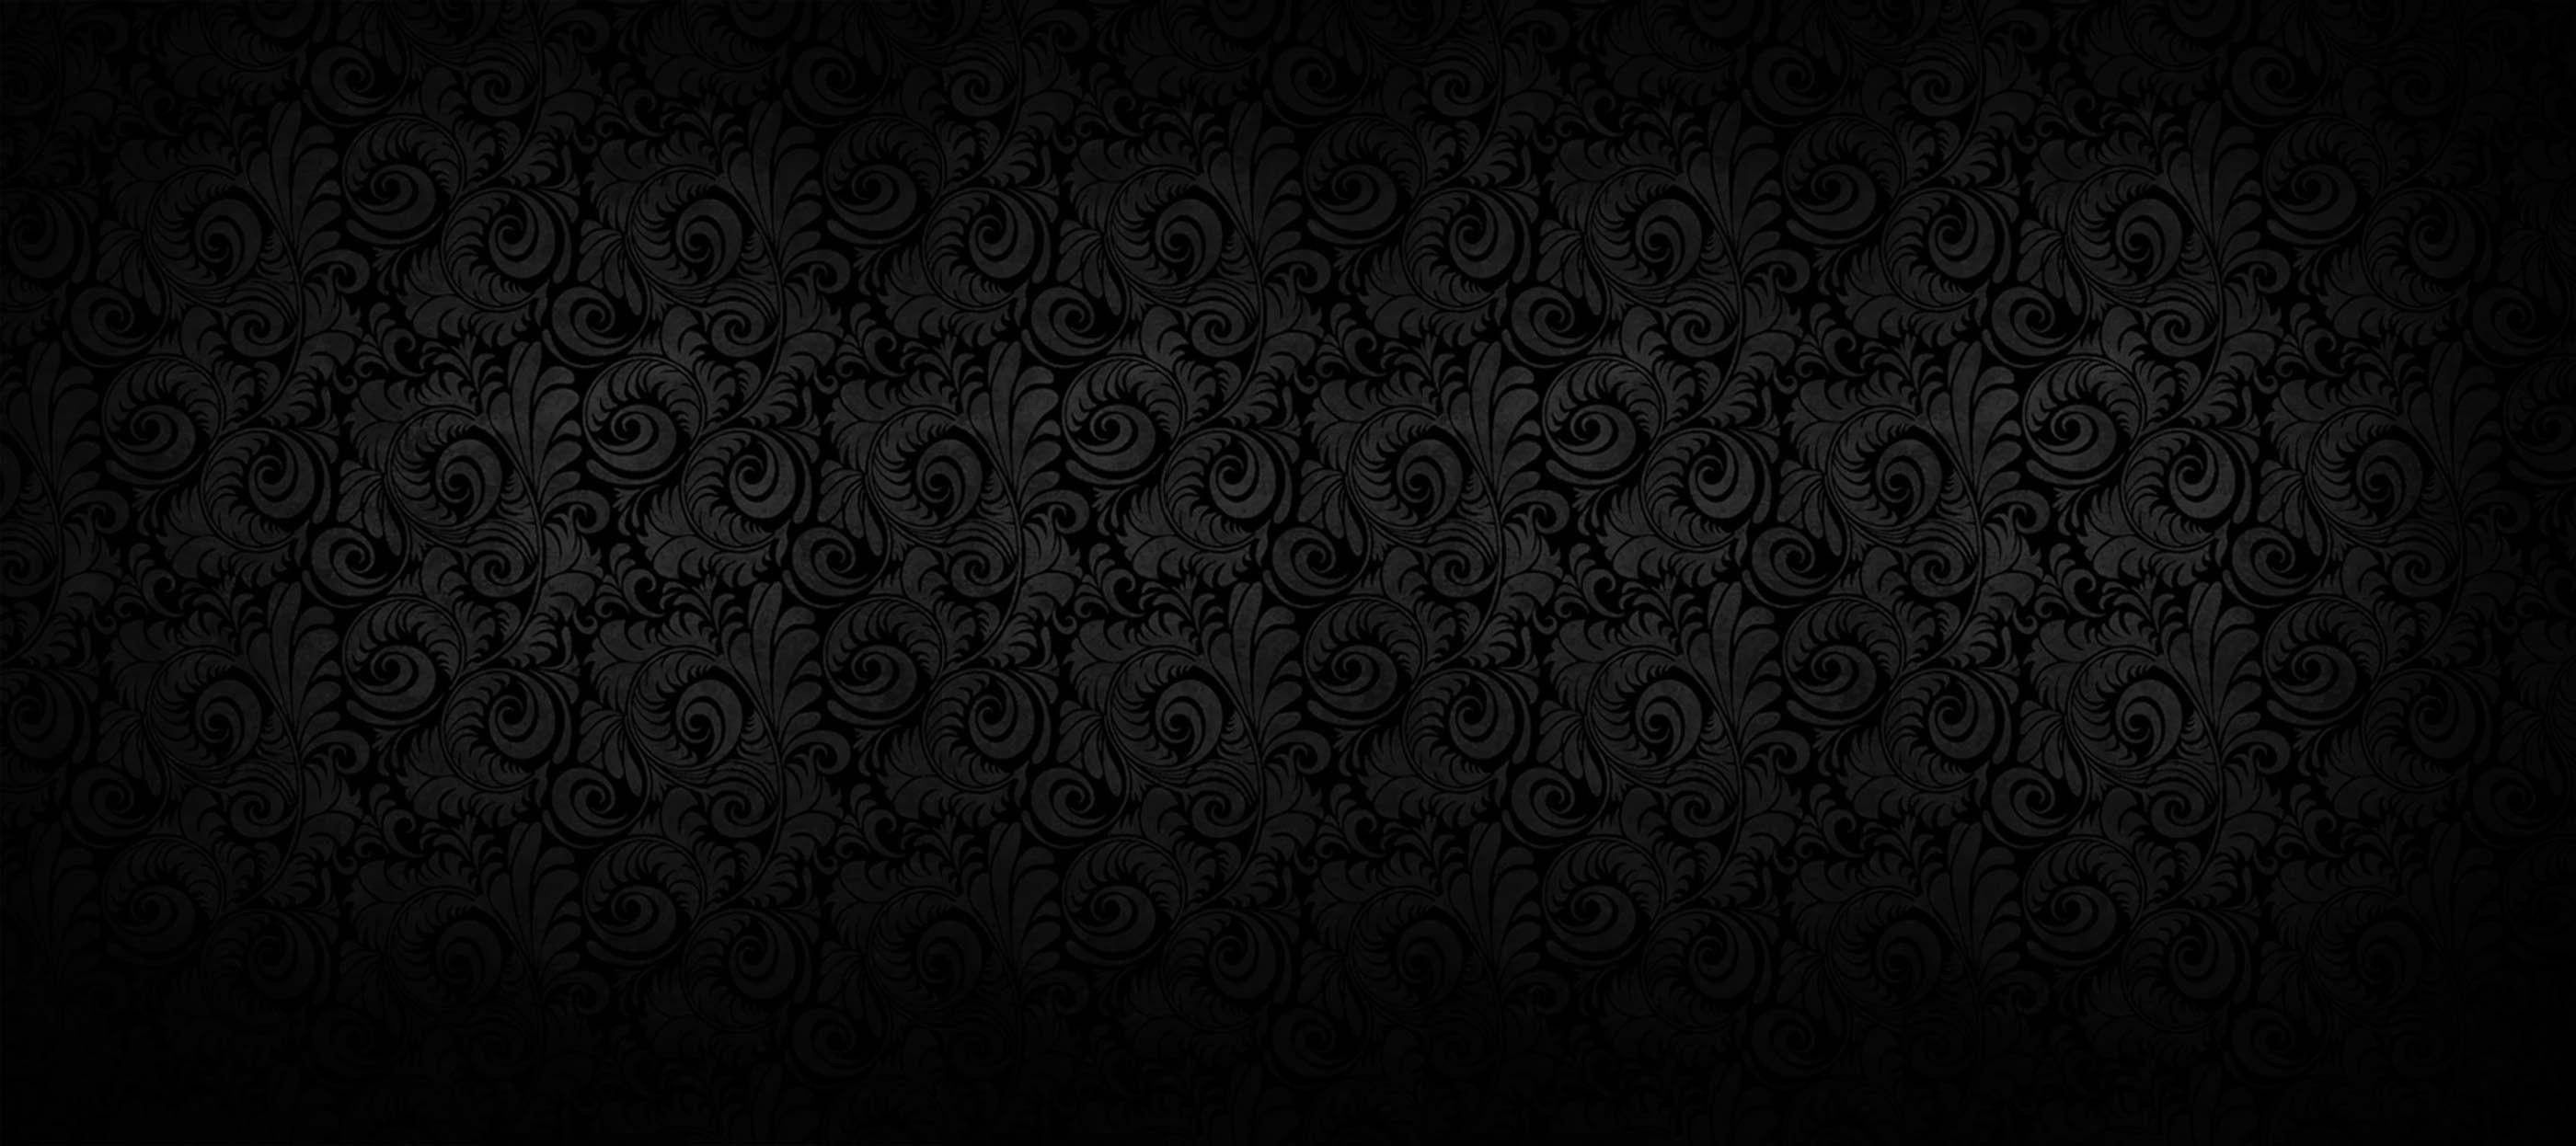 Fancy Black Wallpapers - Top Free Fancy Black Backgrounds - WallpaperAccess